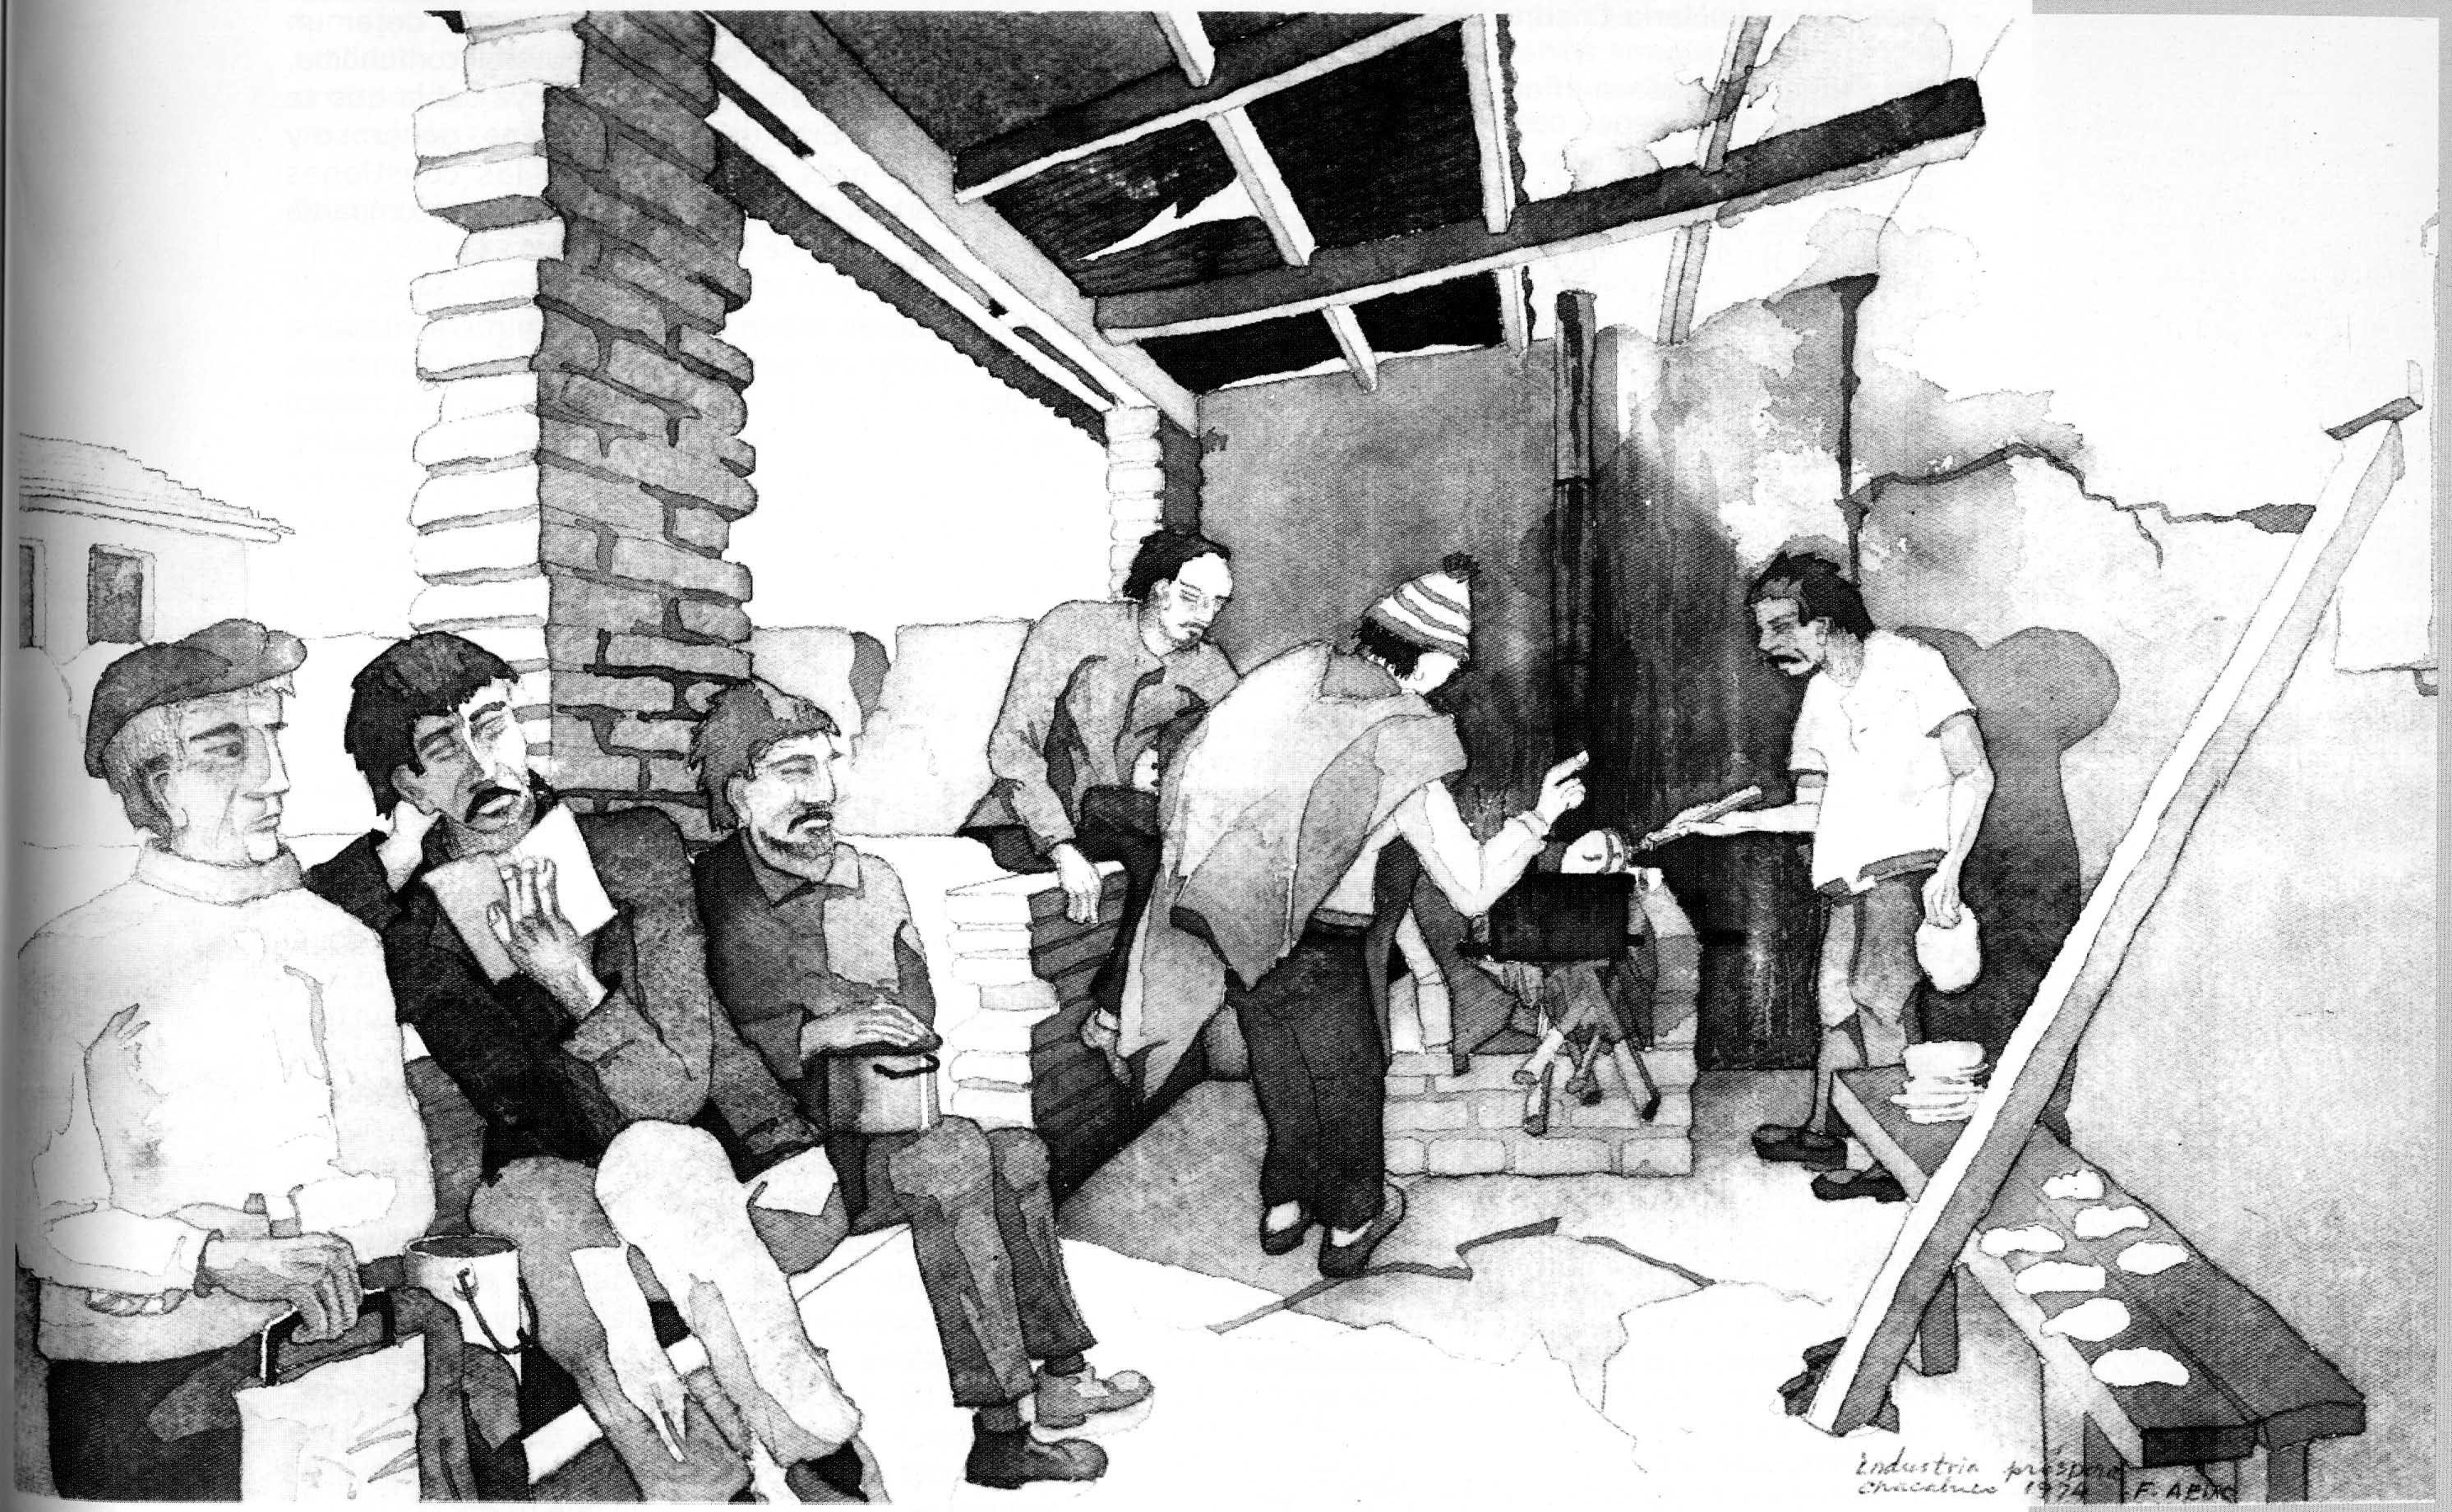 Campo de prisioneros de Chacabuco. Acuarela del arquitecto Francisco Aedo, detenido desaparecido